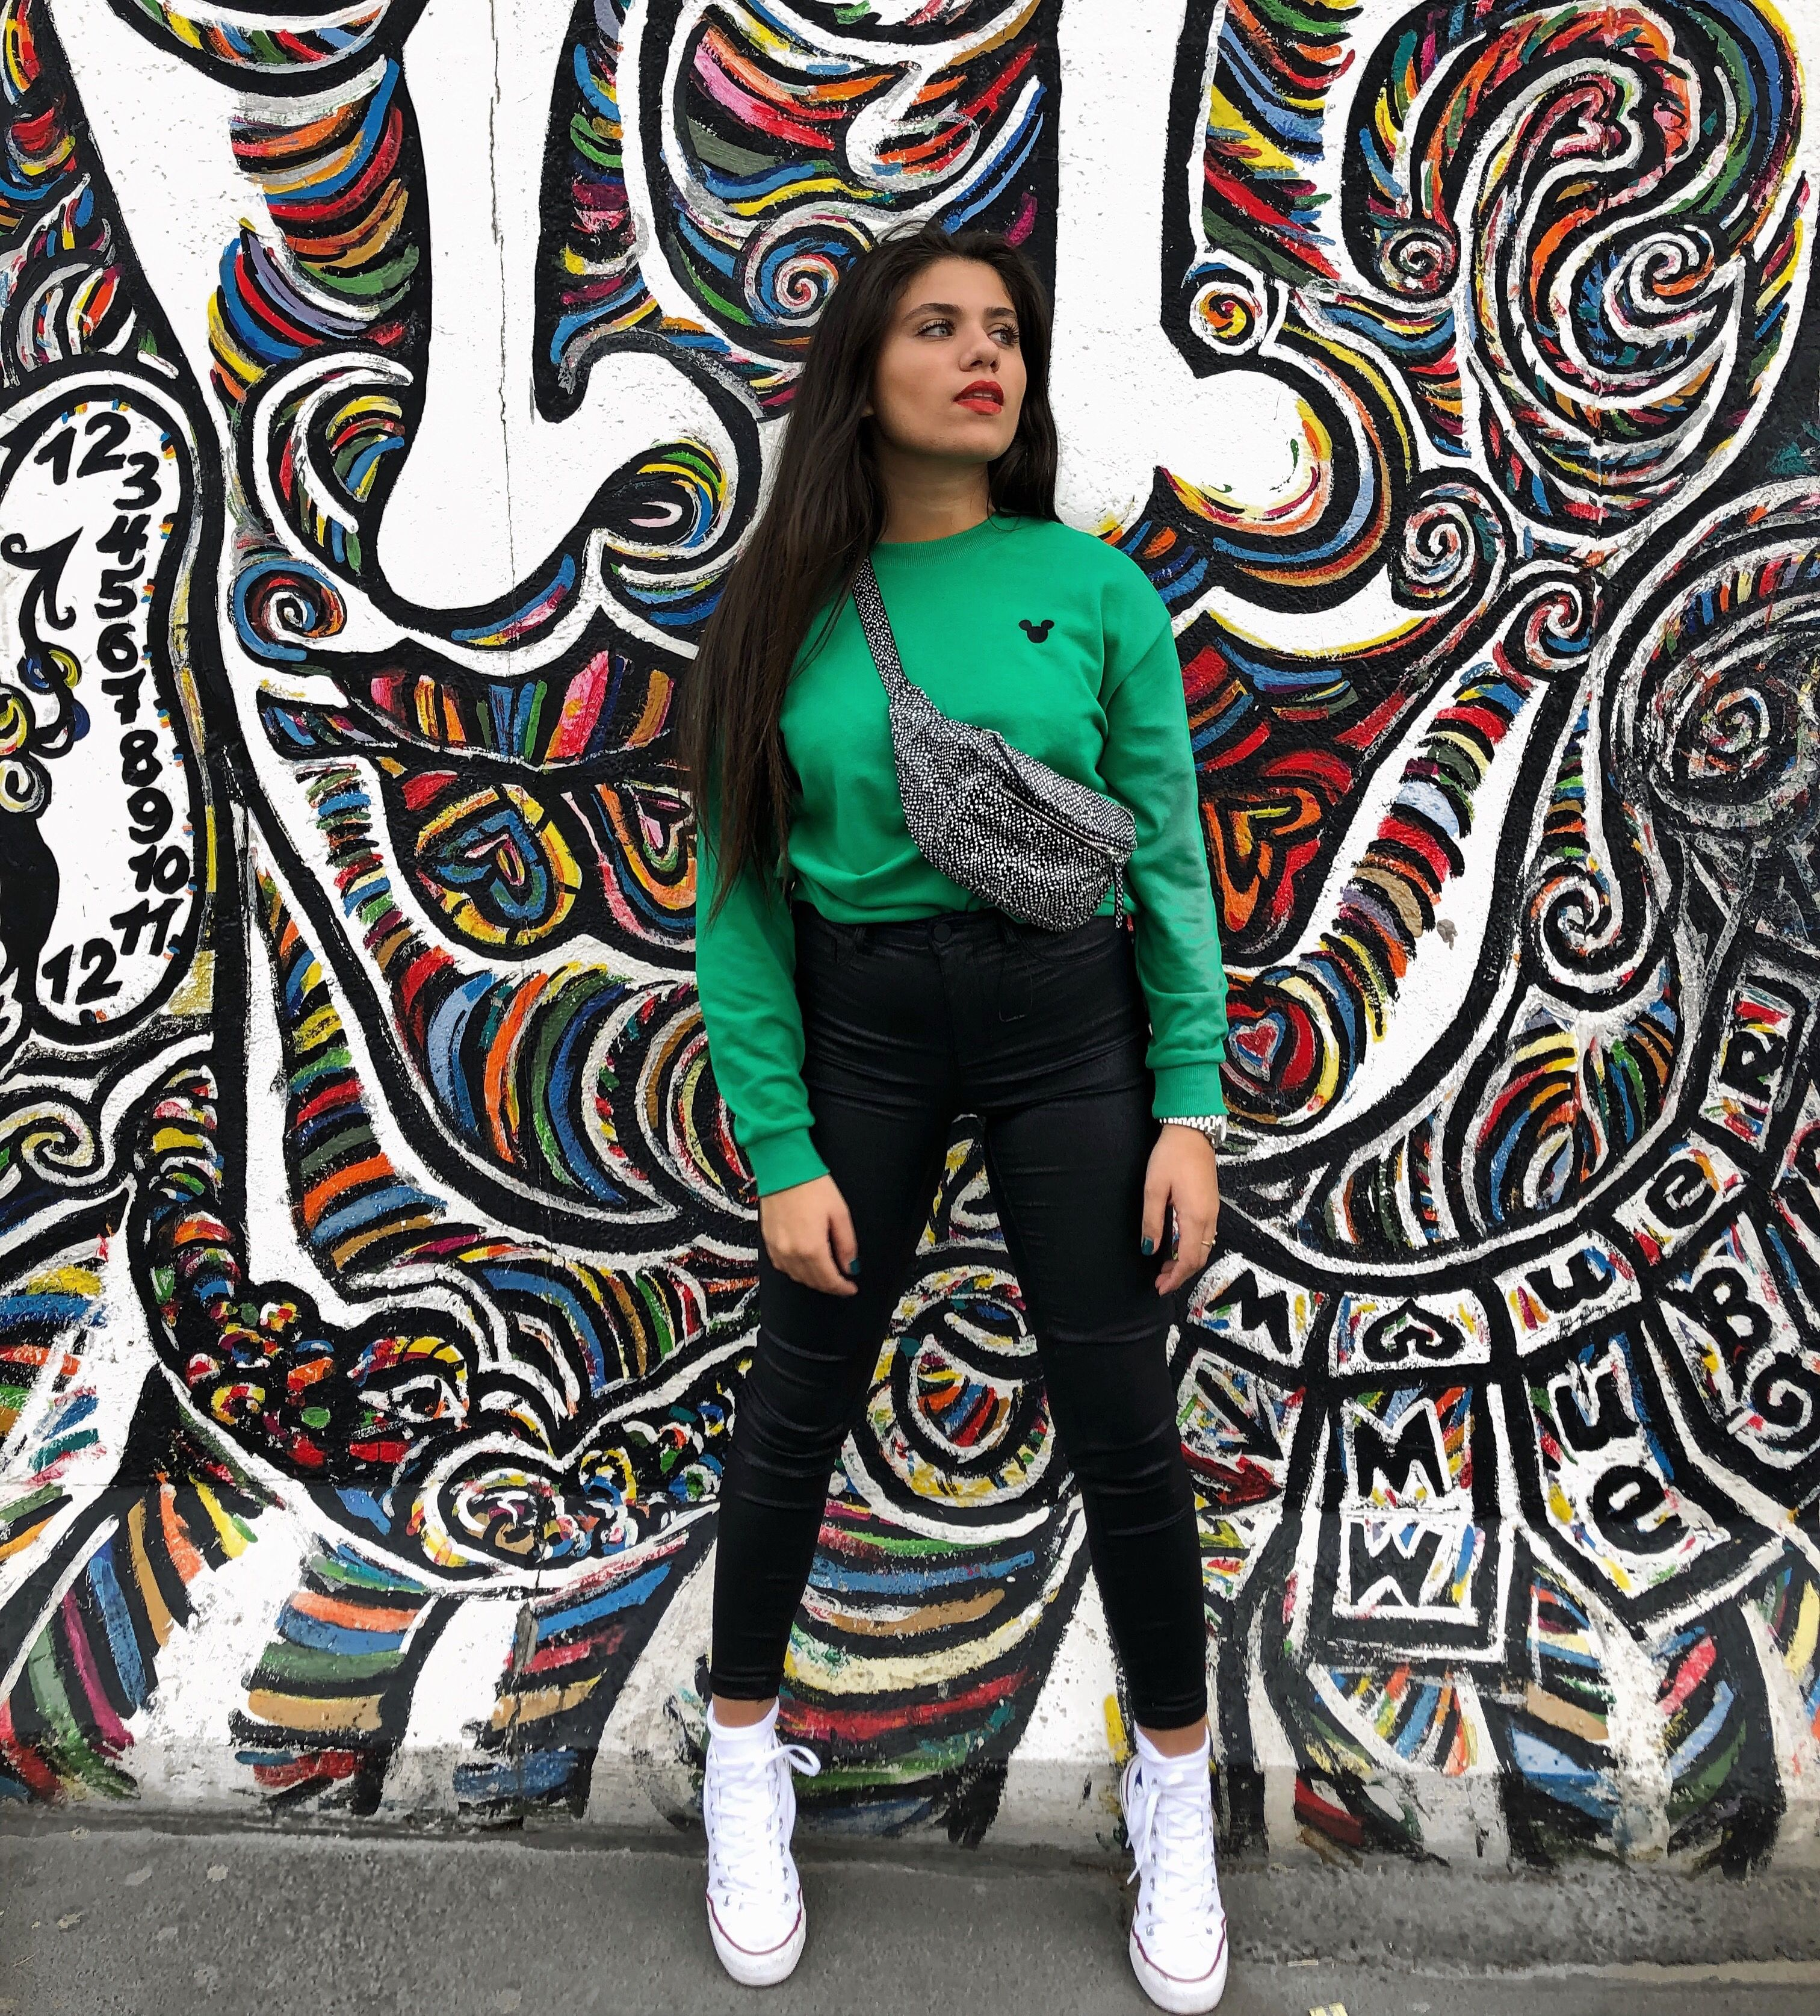 Berlin Wall Fotoposen Fotos Bilder Ideen